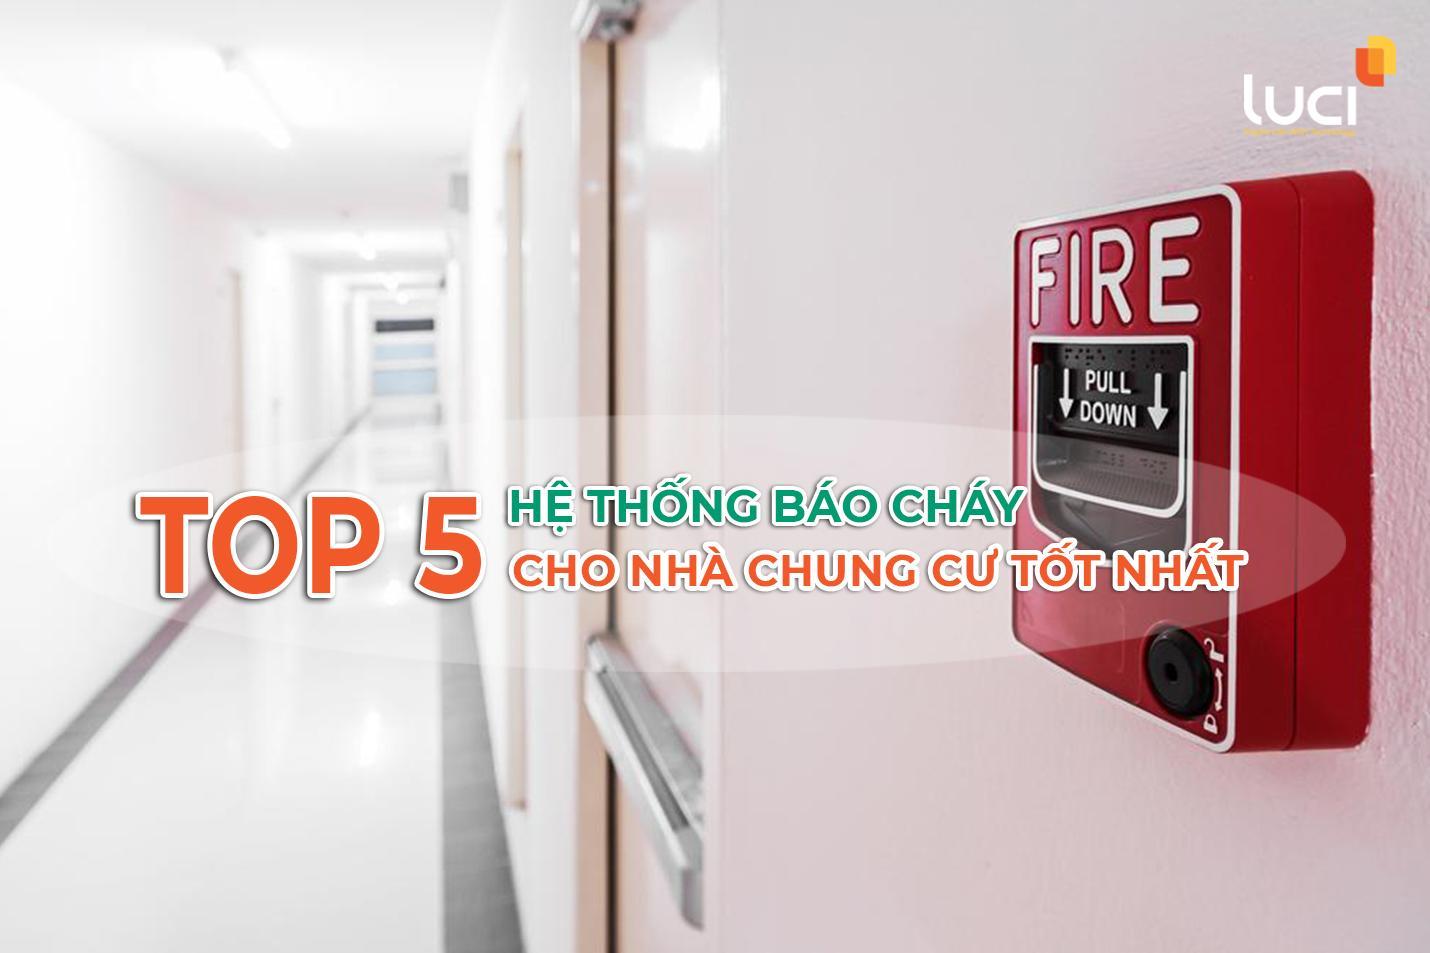 Top 5 hệ thống báo cháy cho nhà chung cư tốt nhất hiện nay